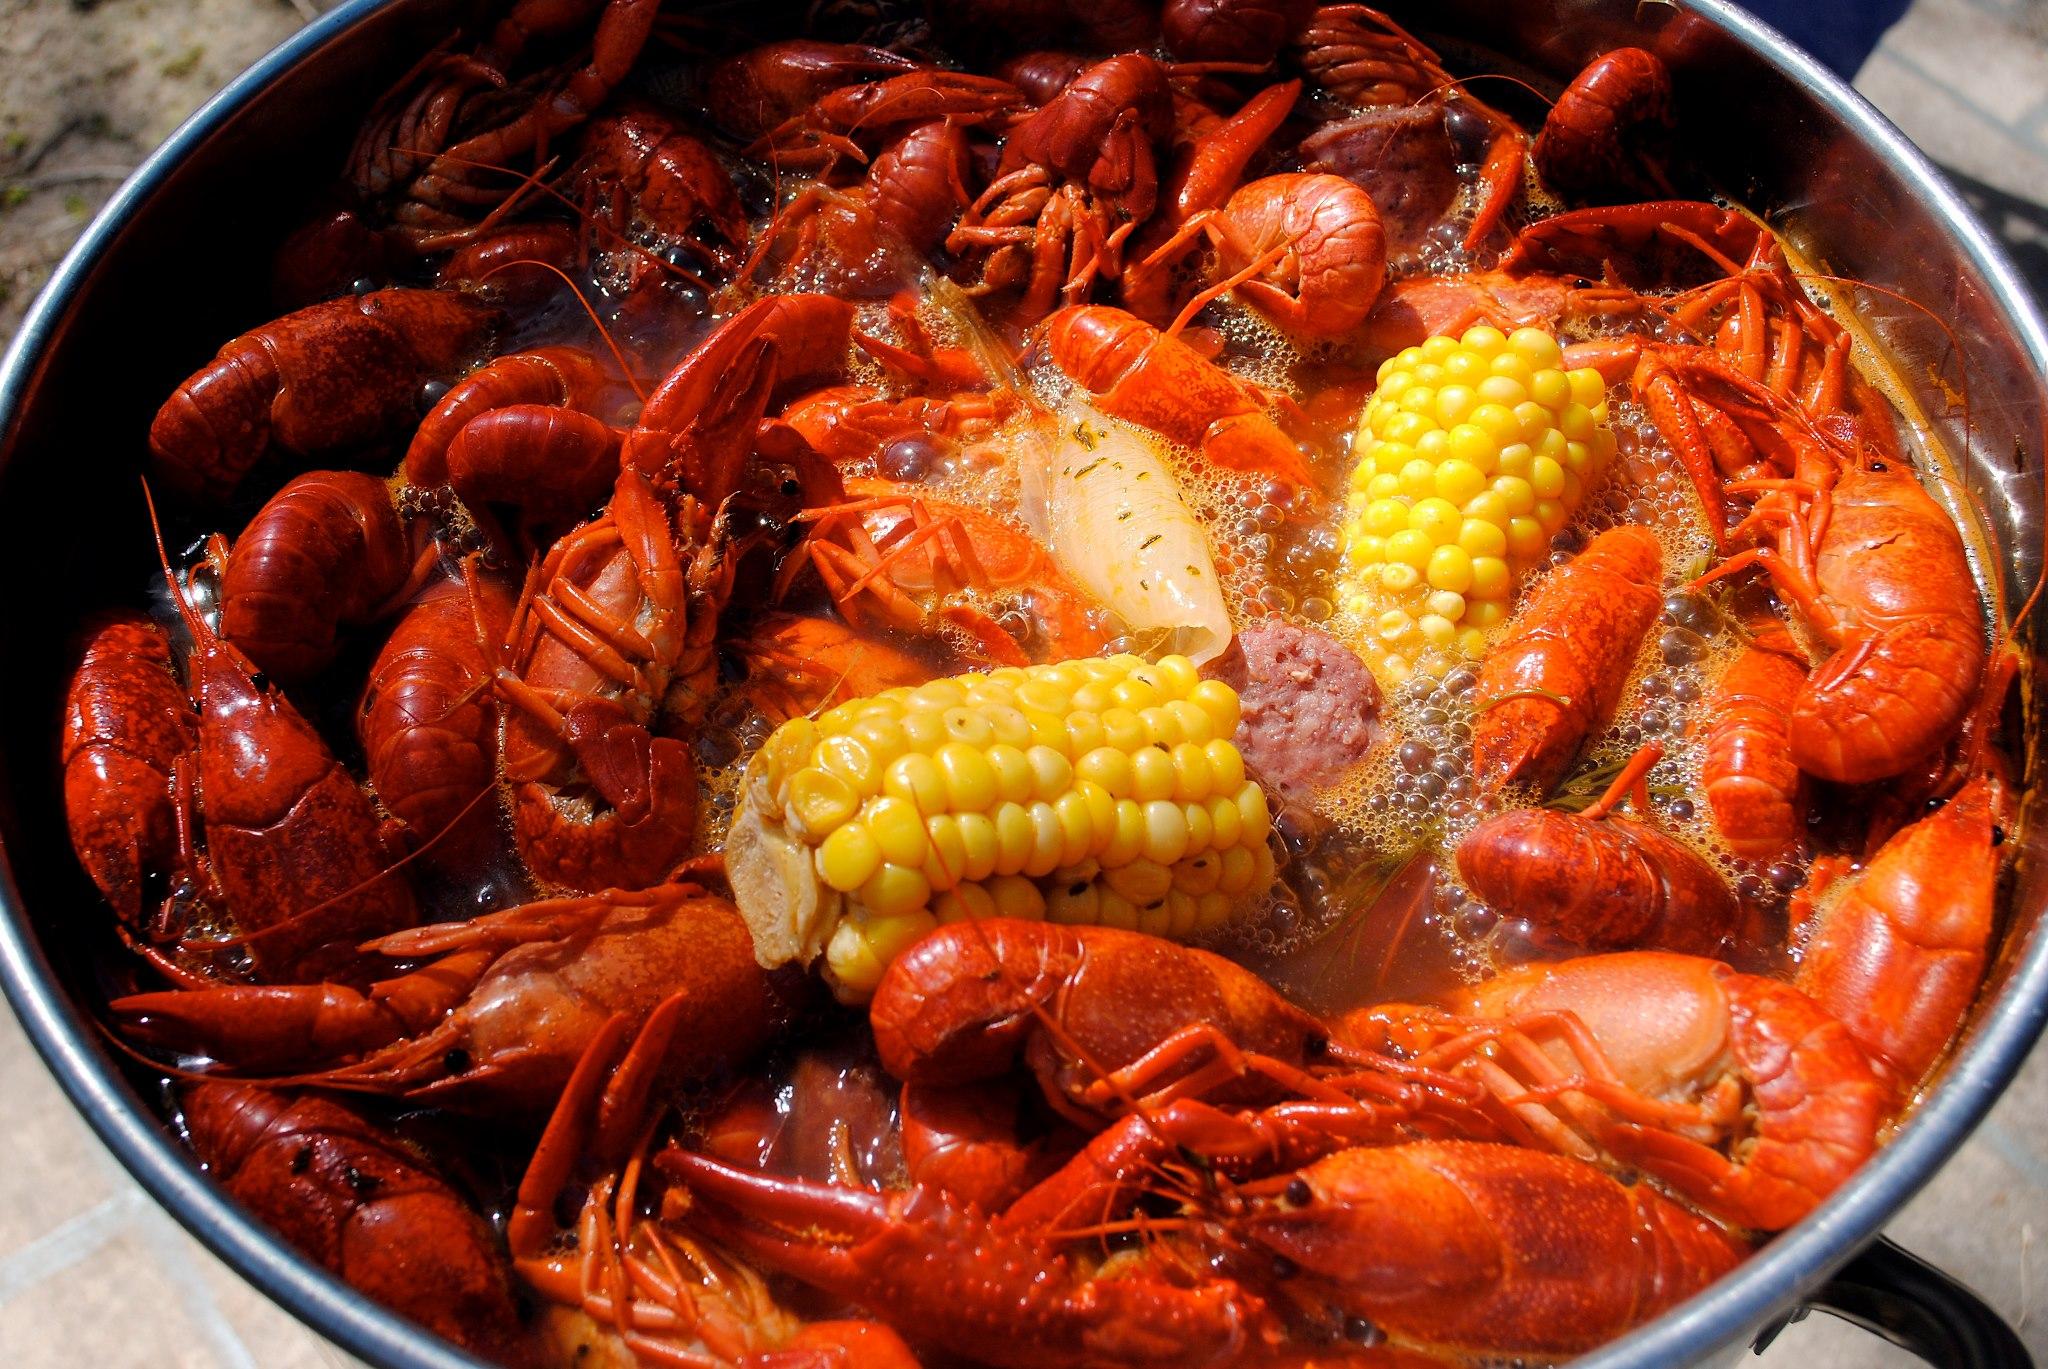 Lobster_Boil_2.jpg